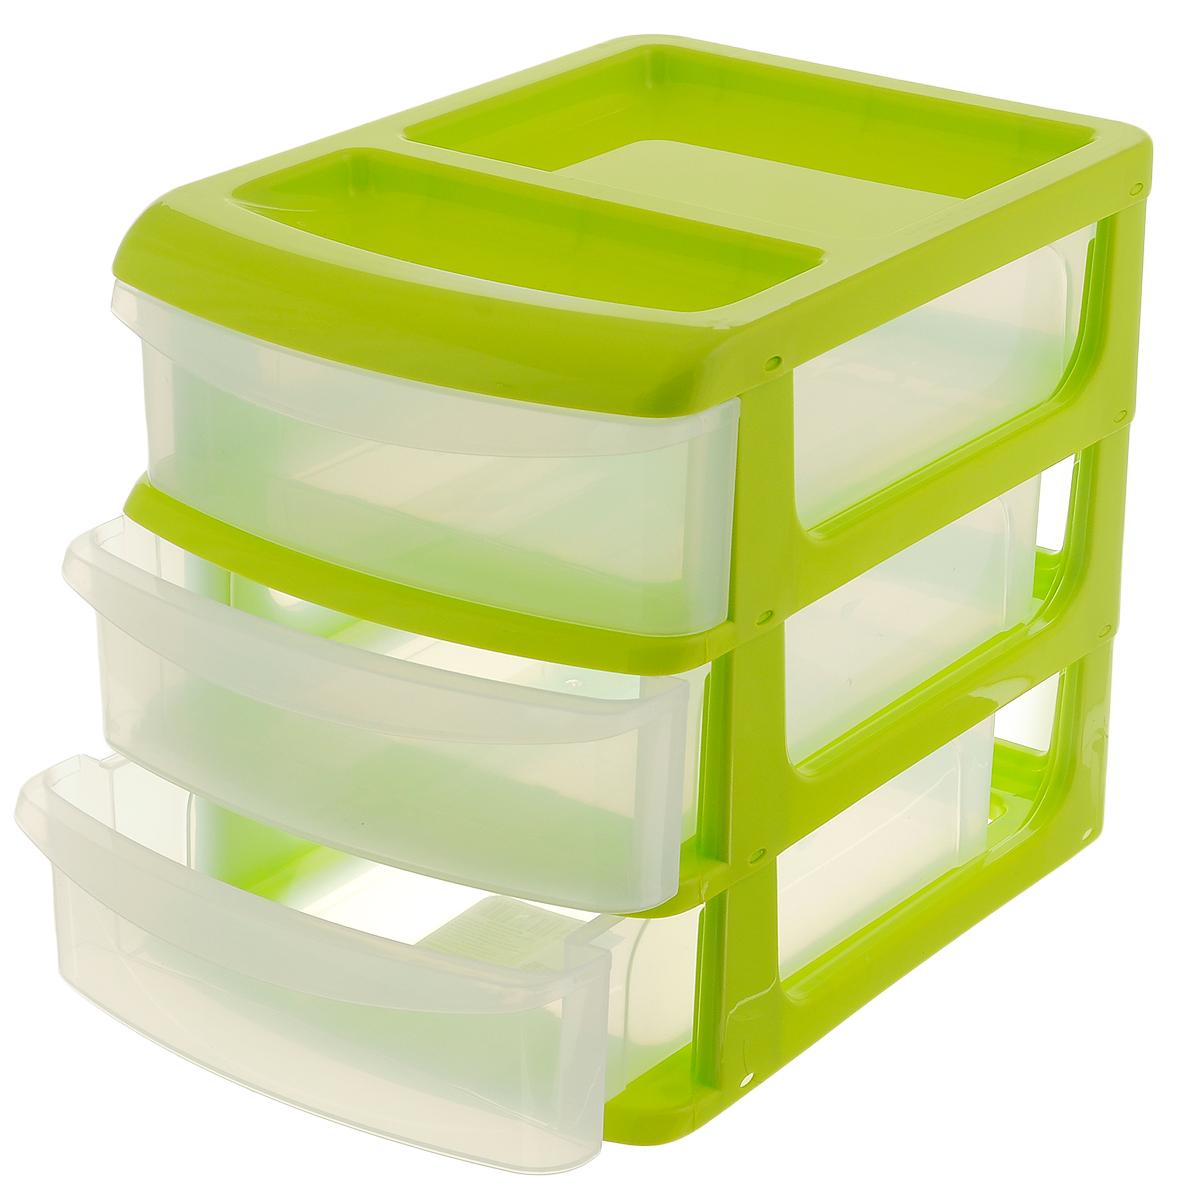 Бокс универсальный Idea, 3 секции, цвет: салатовый, прозрачный, 24,5 х 17,5 х 20 см бокс универсальный idea 3 секции цвет салатовый 20 см х 14 5 см х 18 см